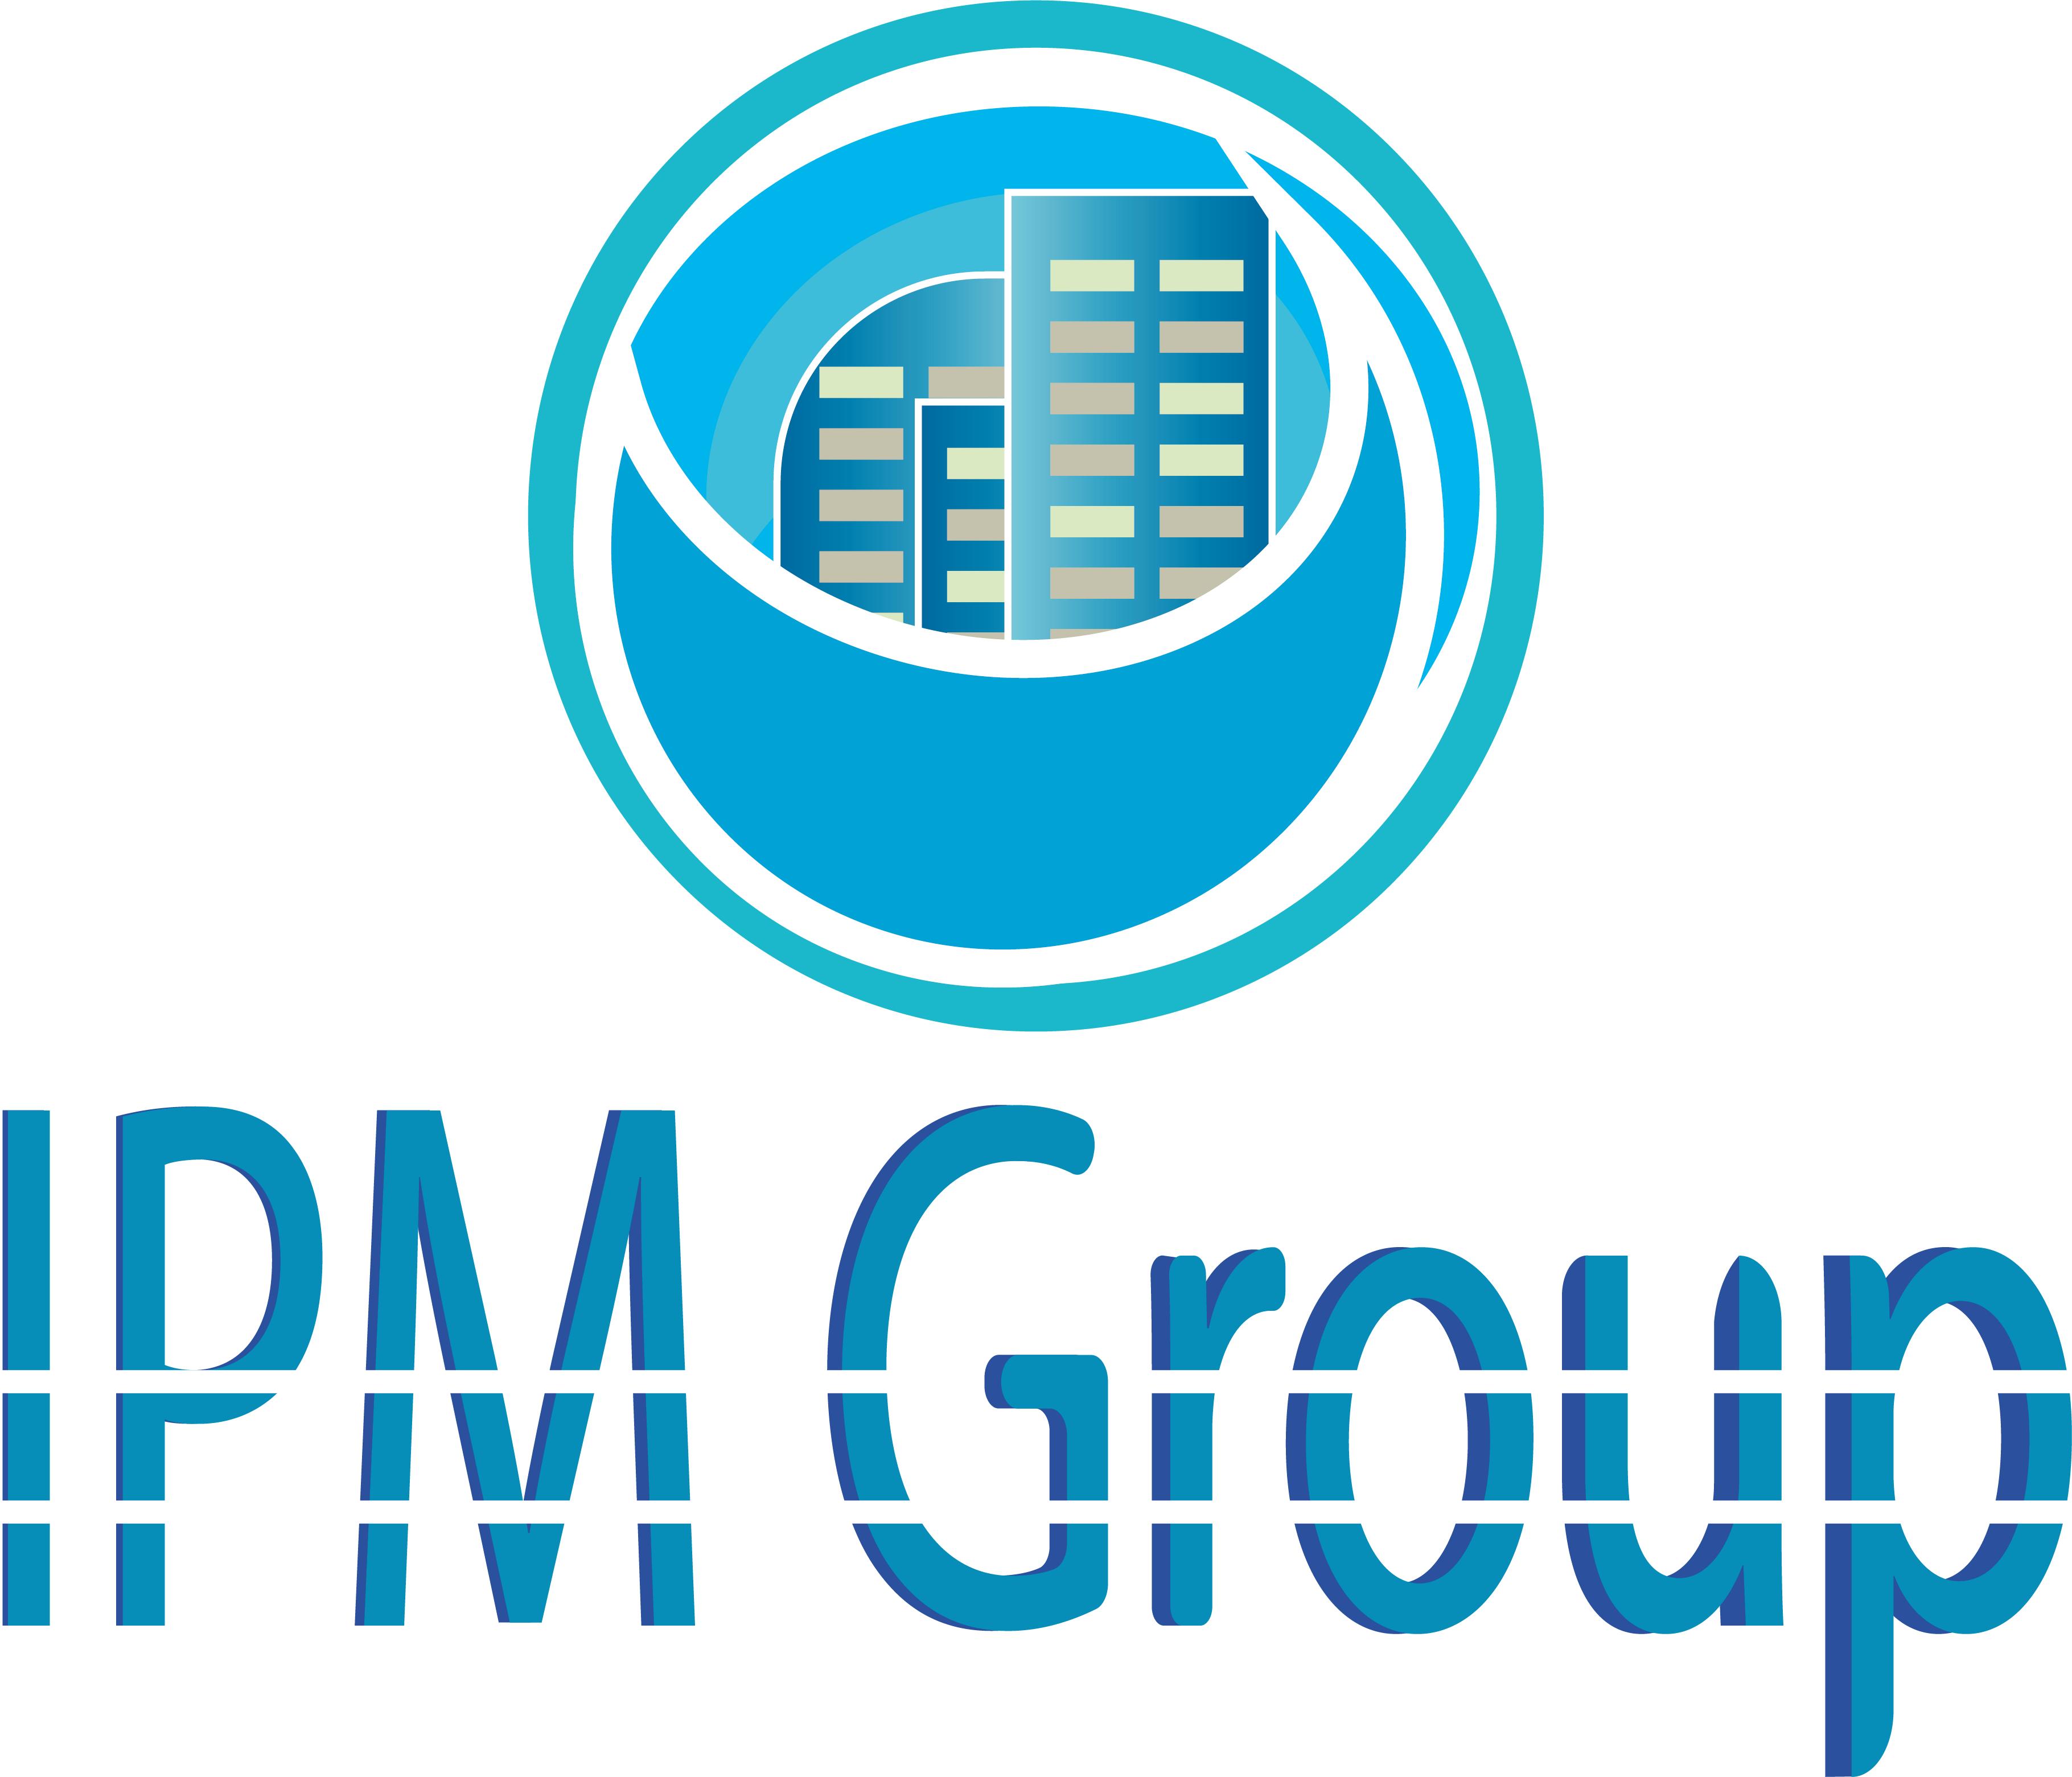 Разработка логотипа для управляющей компании фото f_2835f839f4525f7d.png